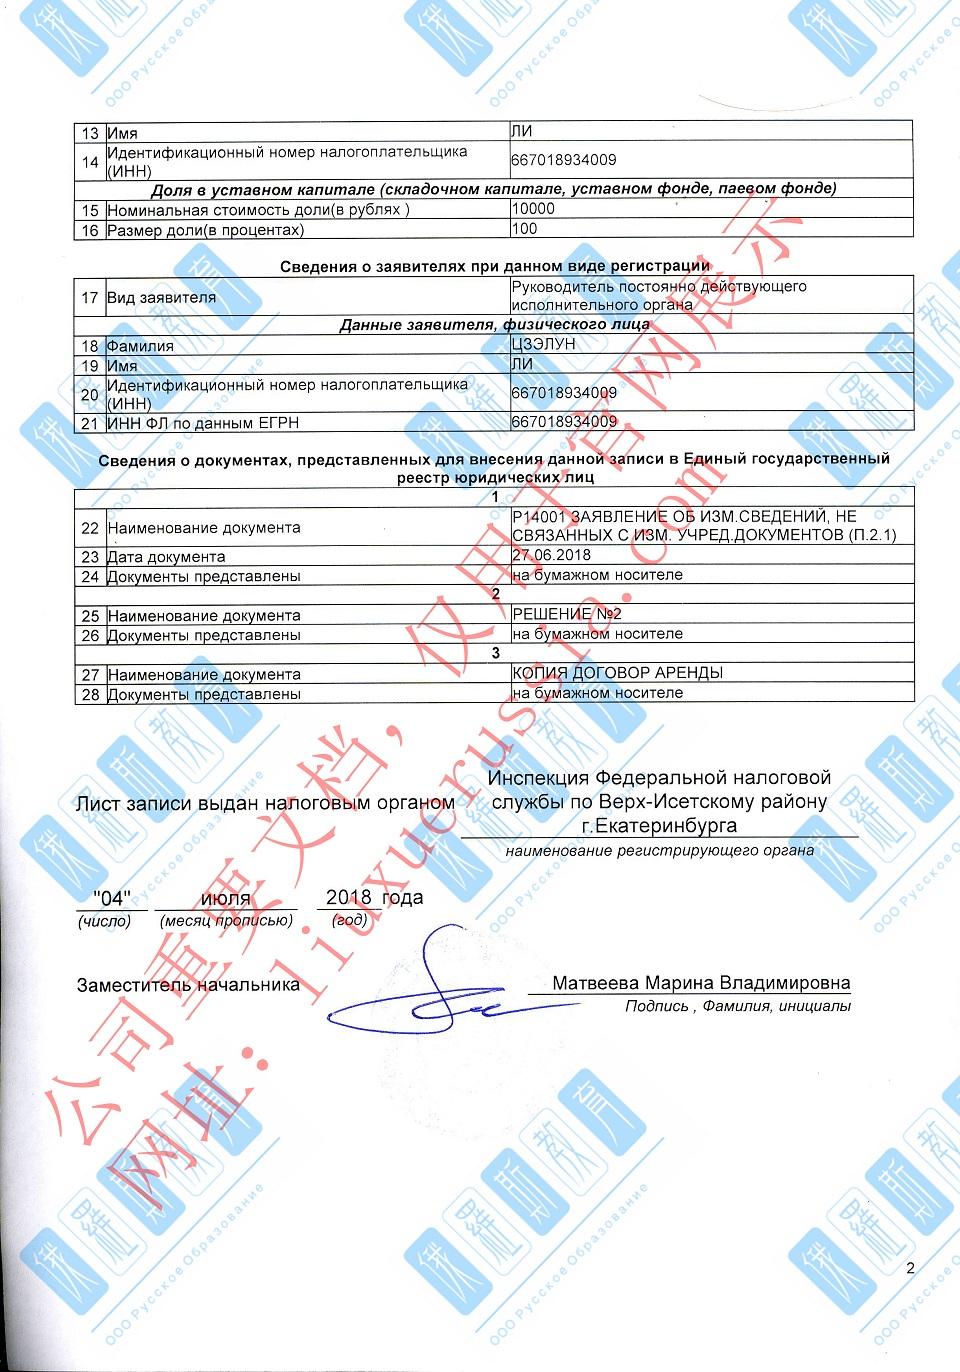 《俄罗斯教育》有限公司基本信息插图3-小狮座俄罗斯留学